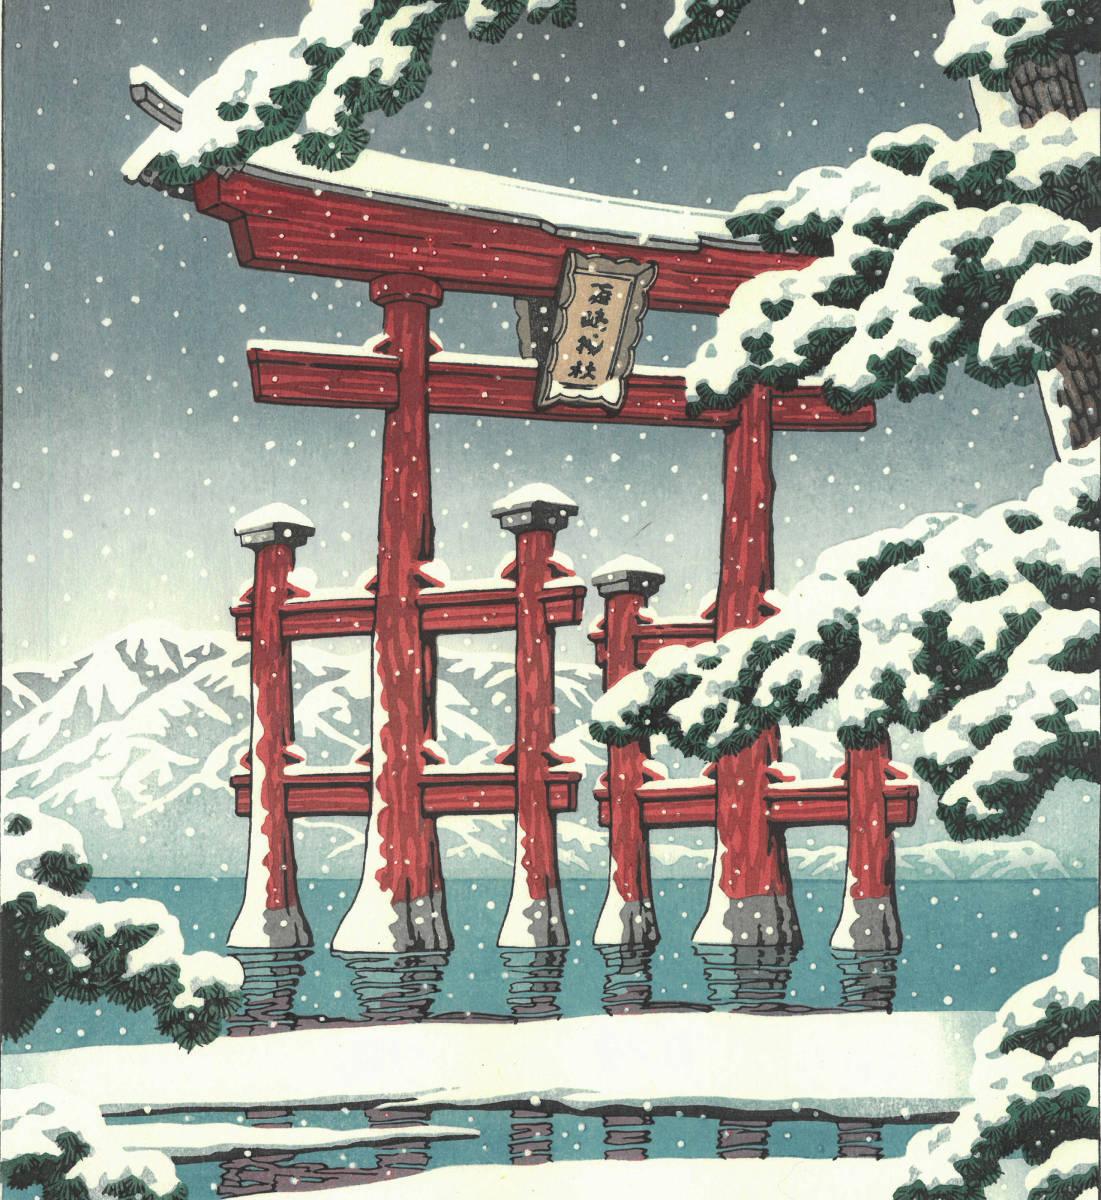 川瀬巴水 木版画 HKS-2  雪の宮島 初版 1929年 昭和4年 (新版画) 最高峰の摺師による貴重な巴水木版画を堪能下さい!!_画像7